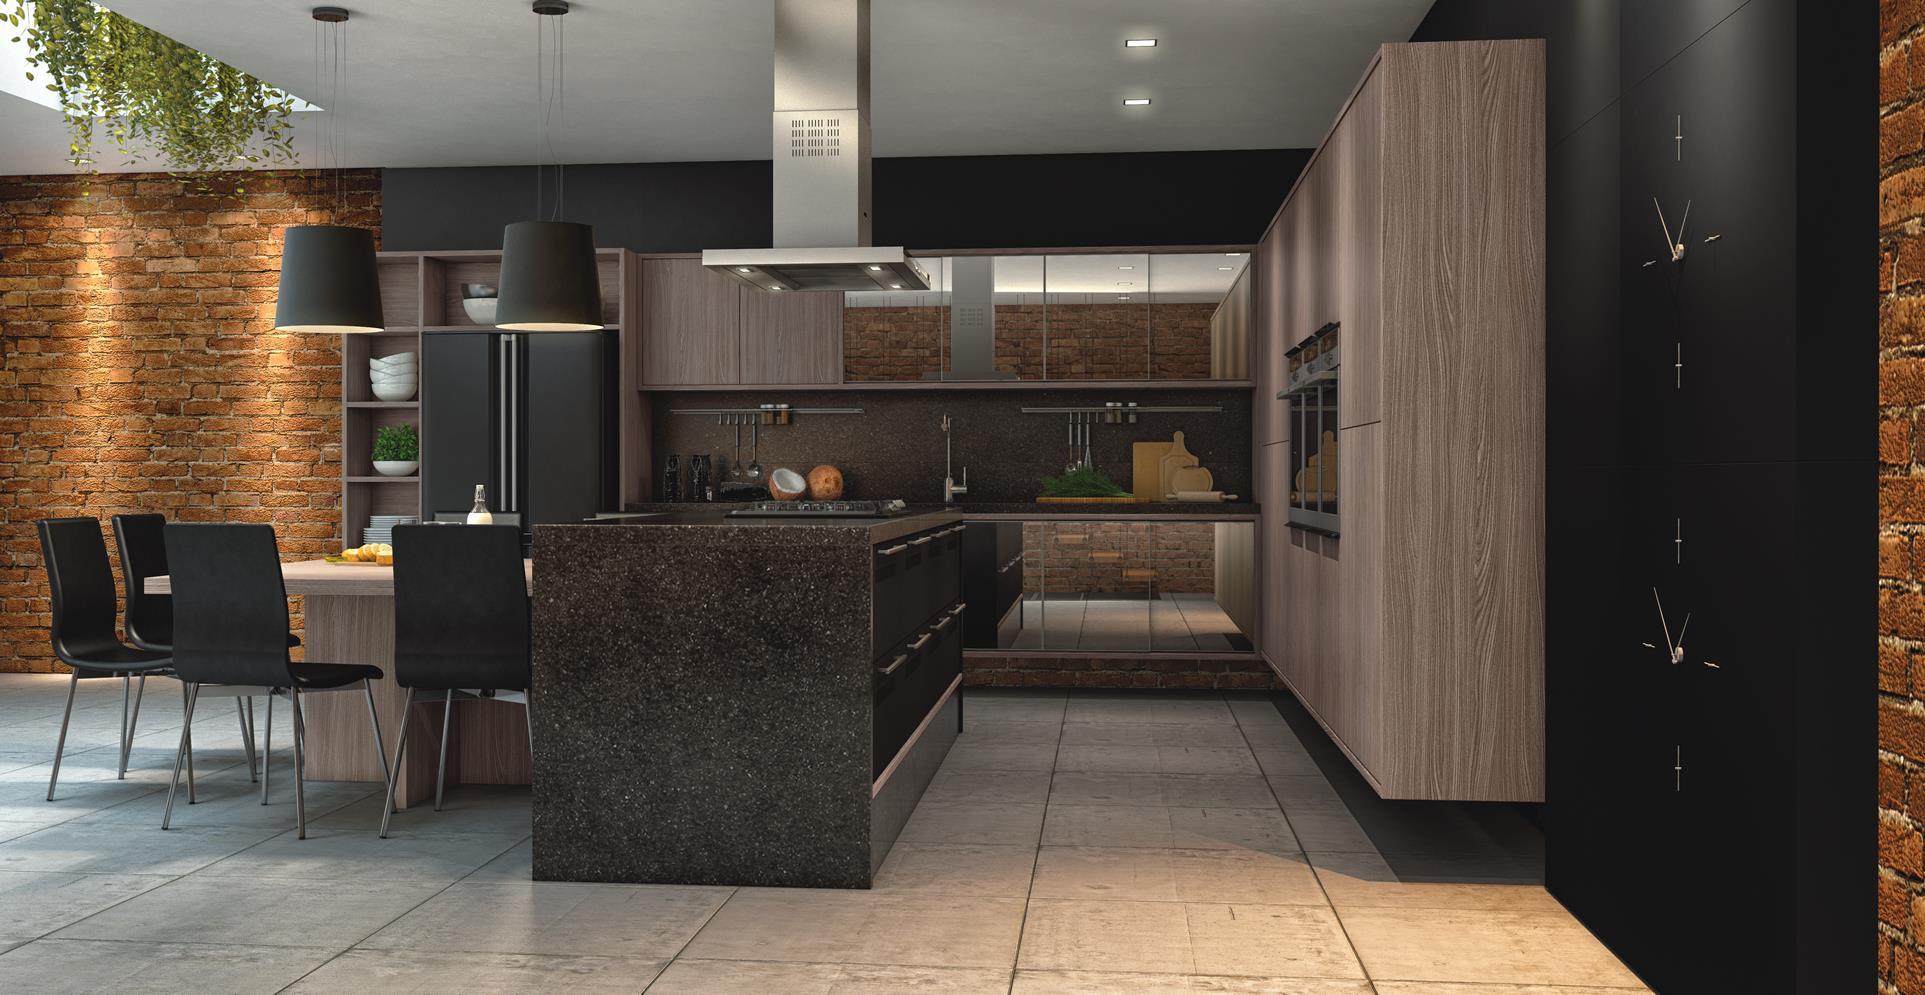 Deixe sua cozinha aberta para promover integração com outros ambientes.